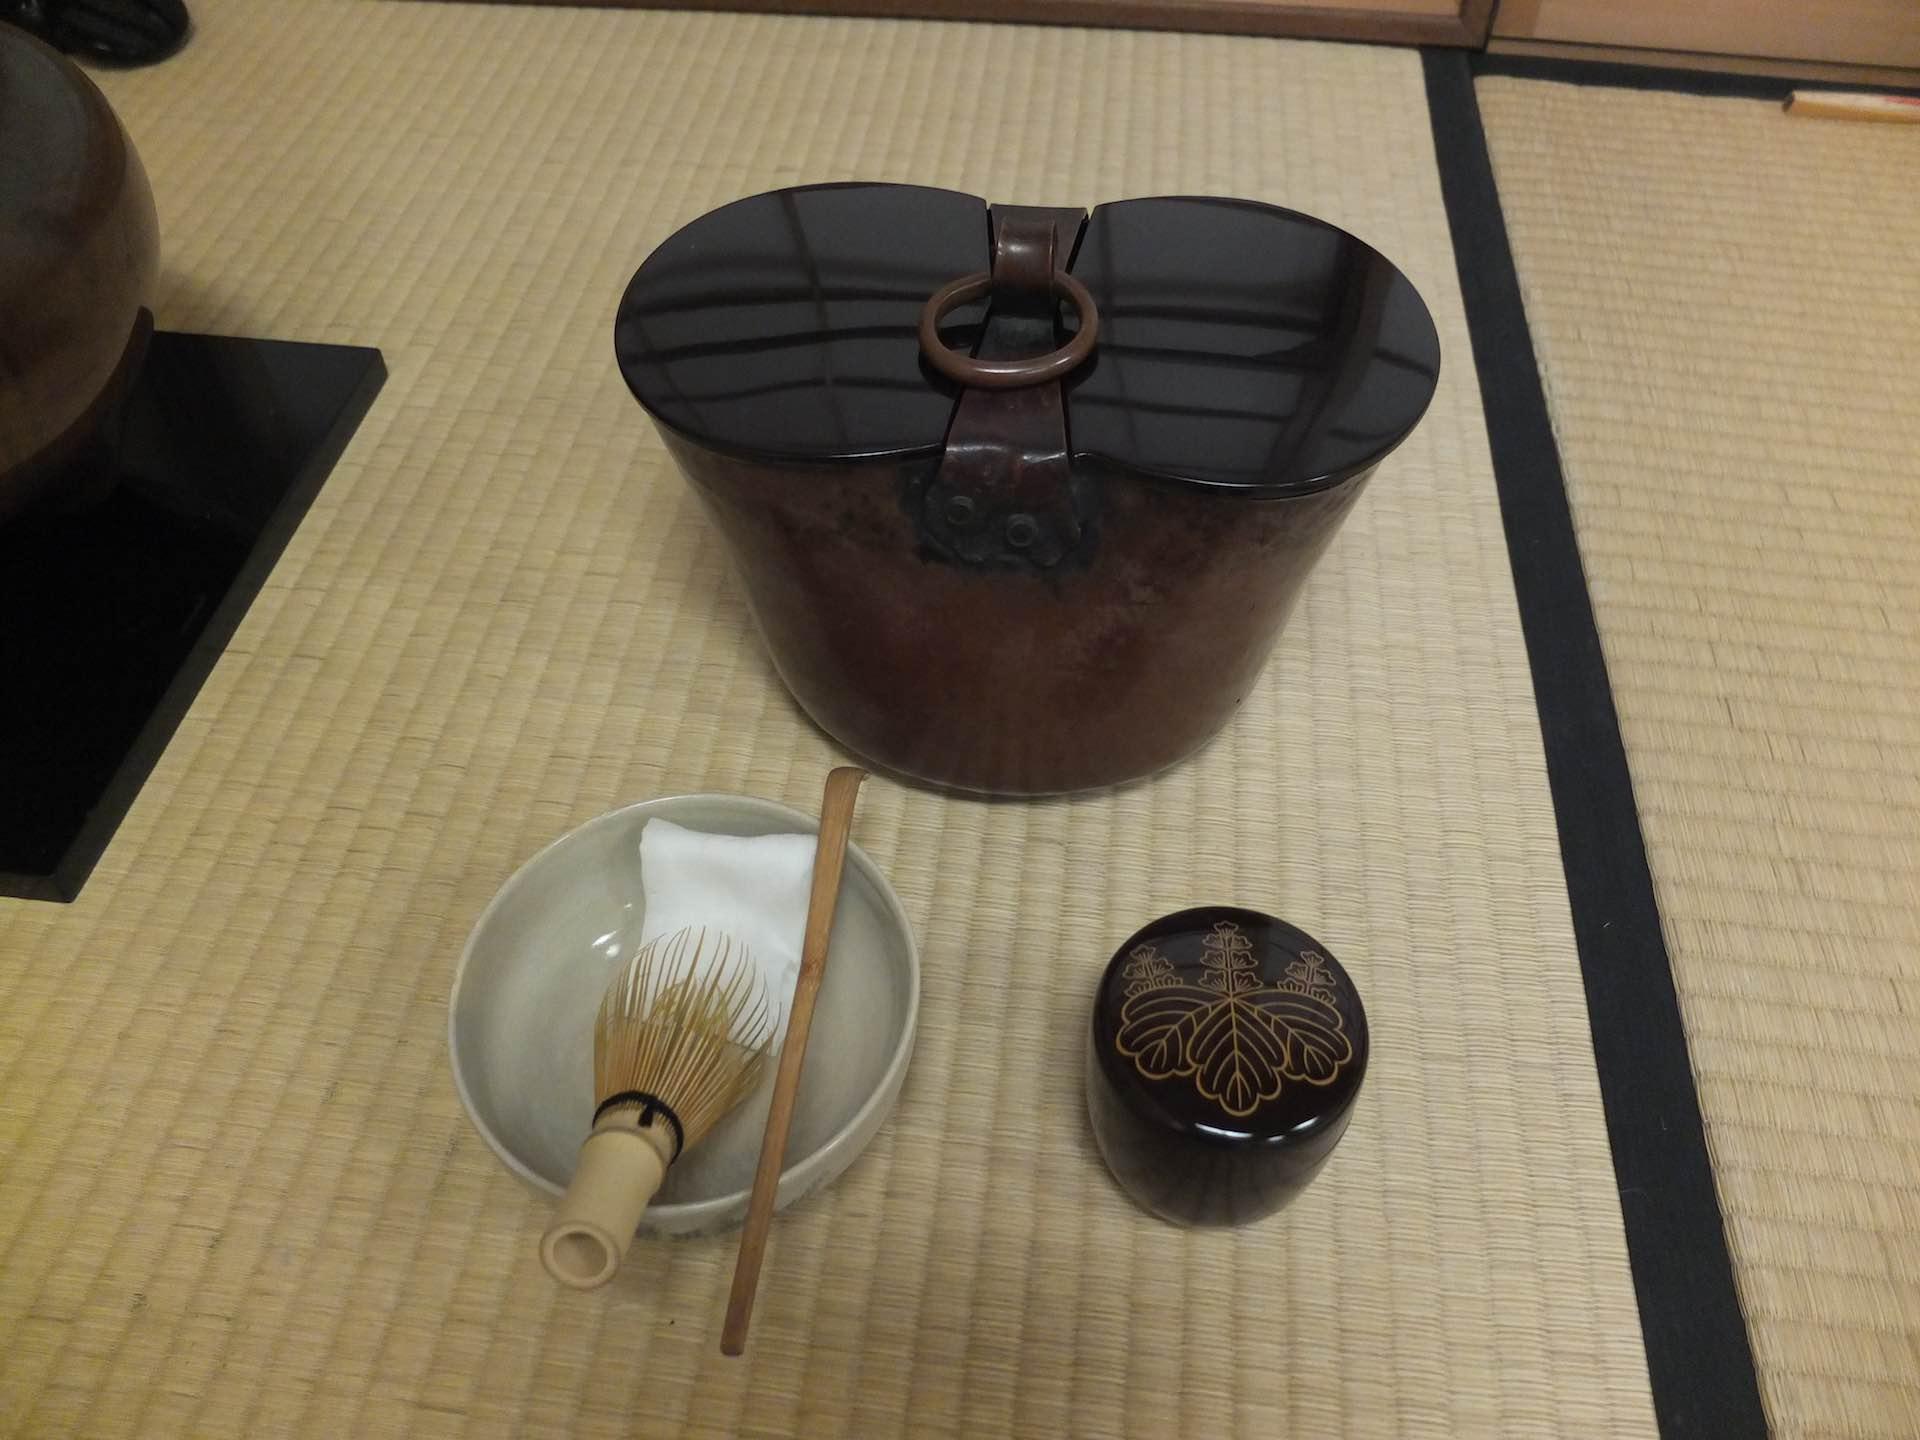 9月のお点前に使われていた水指 (みずさし) は、井戸に釣り下げる釣瓶の形。「秋の日は釣瓶落し」にかけています